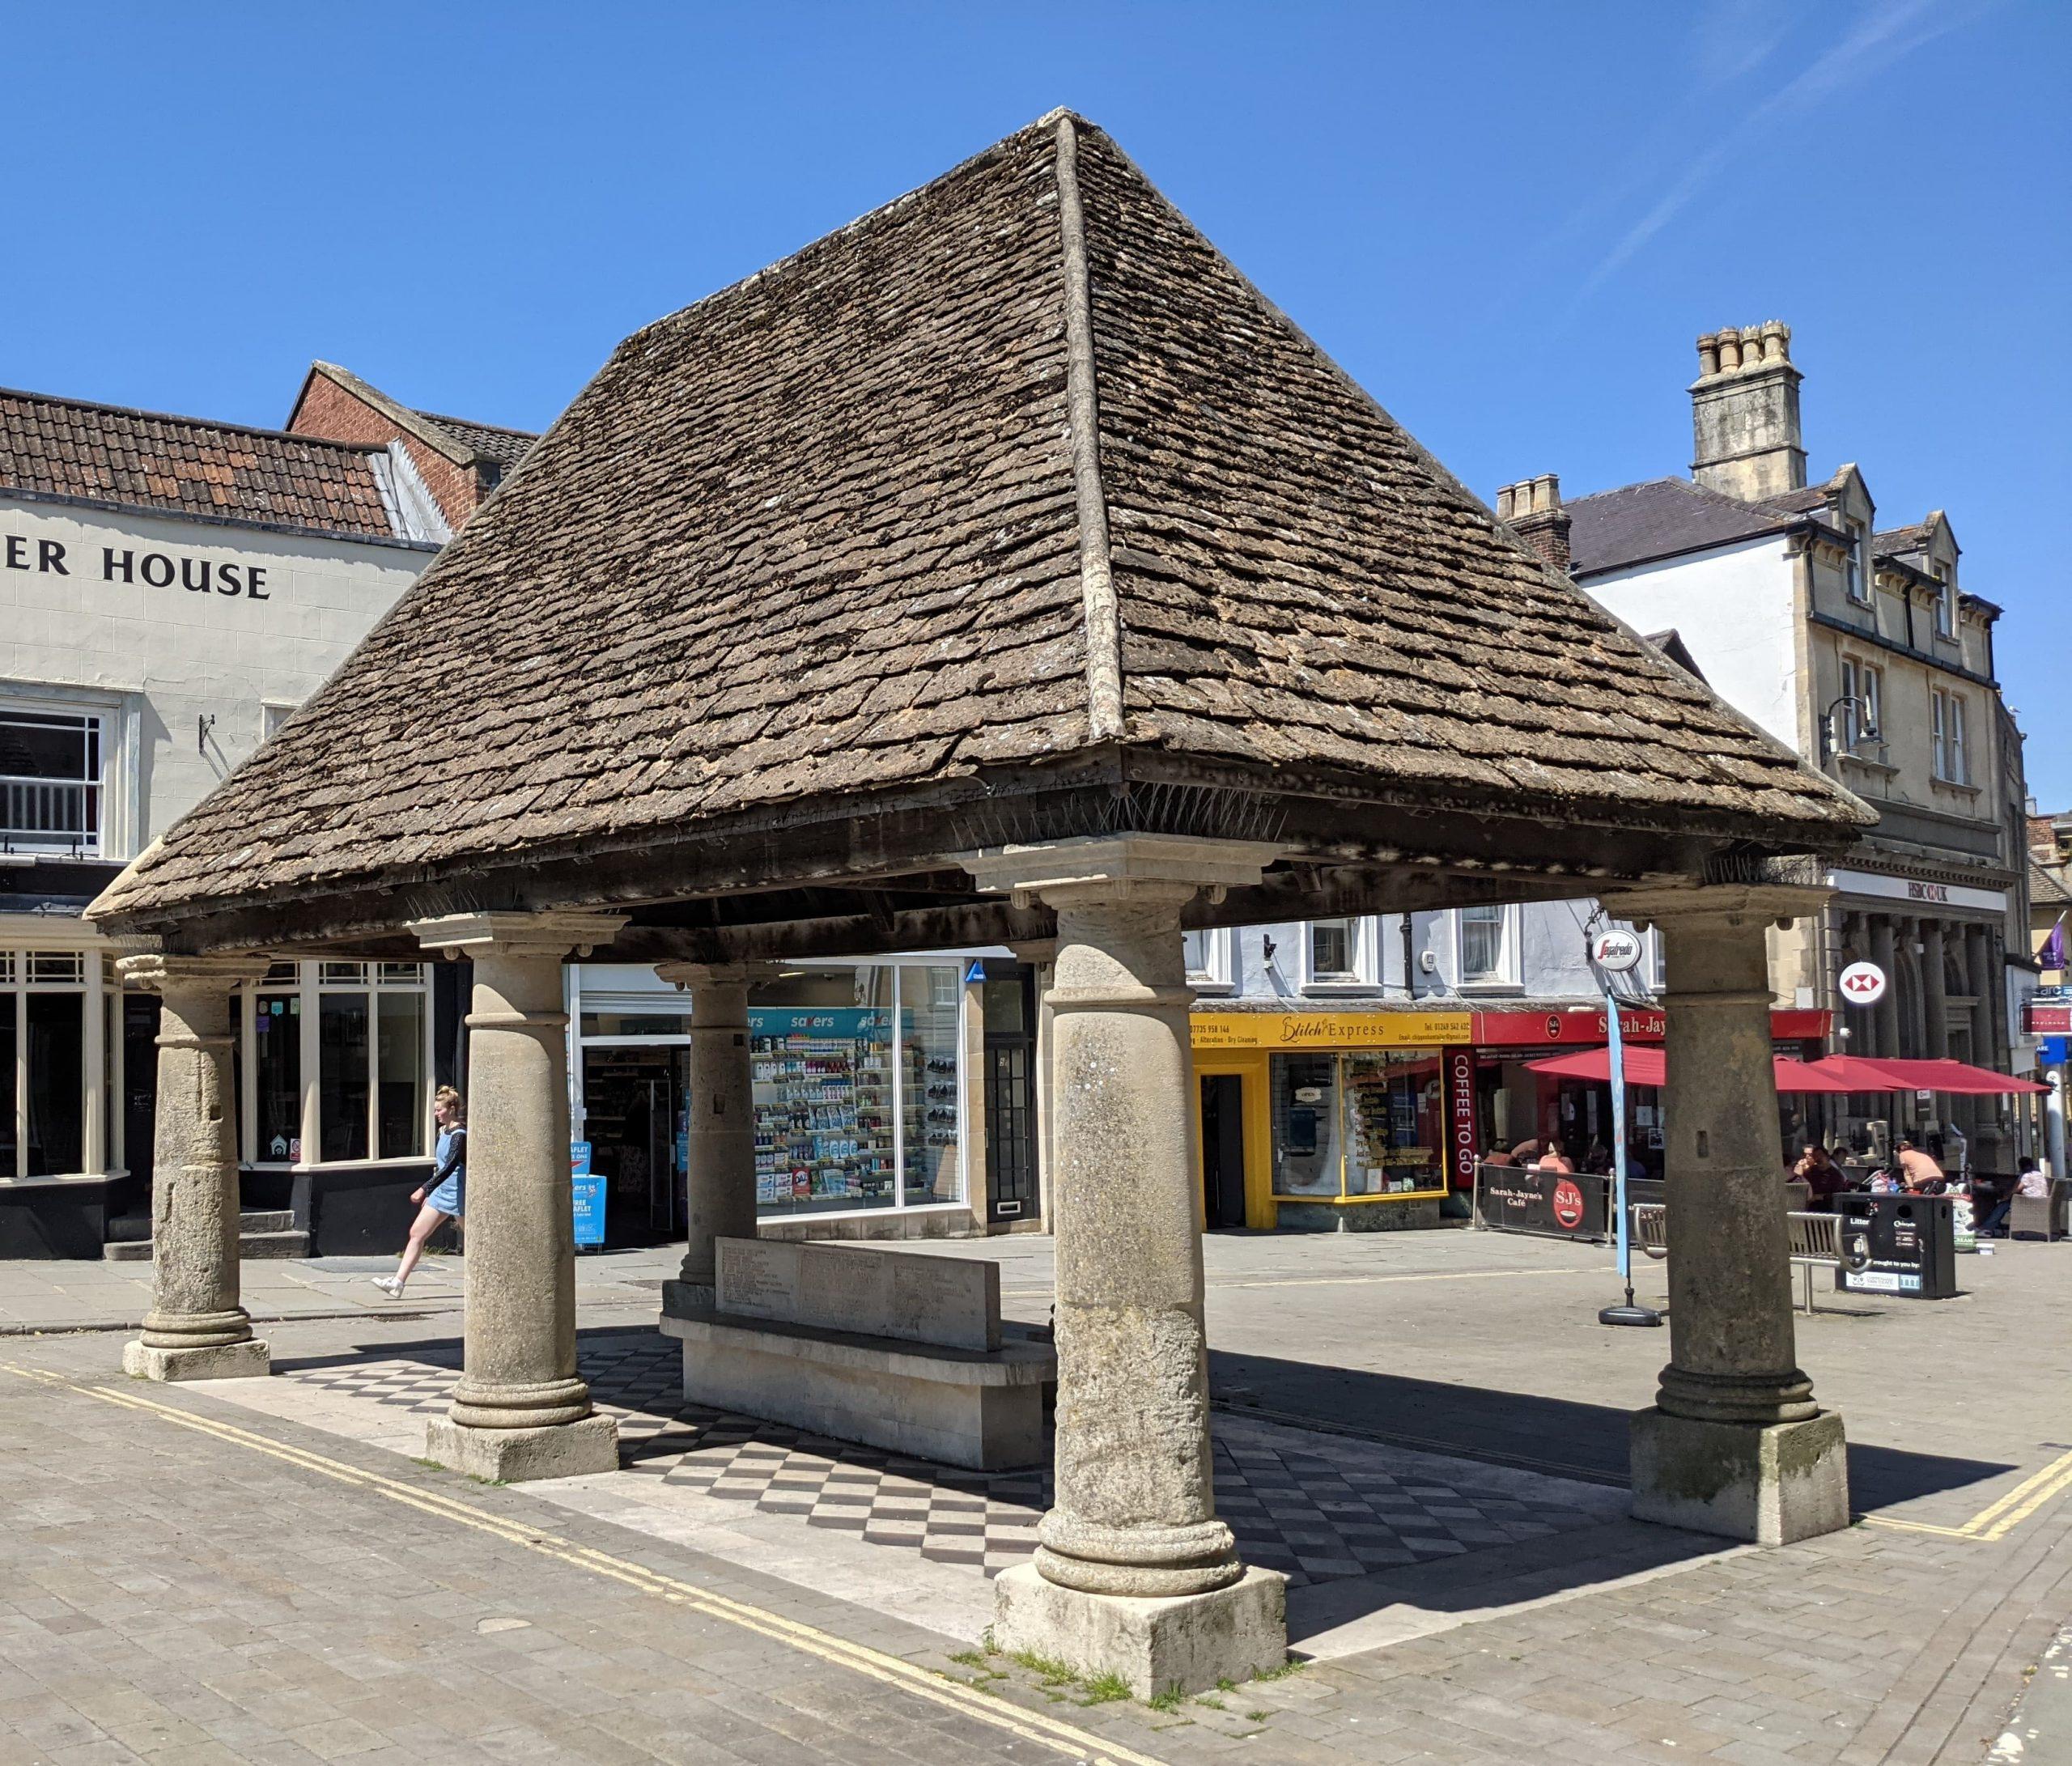 Modern image of Buttercross in Chippenham High Street